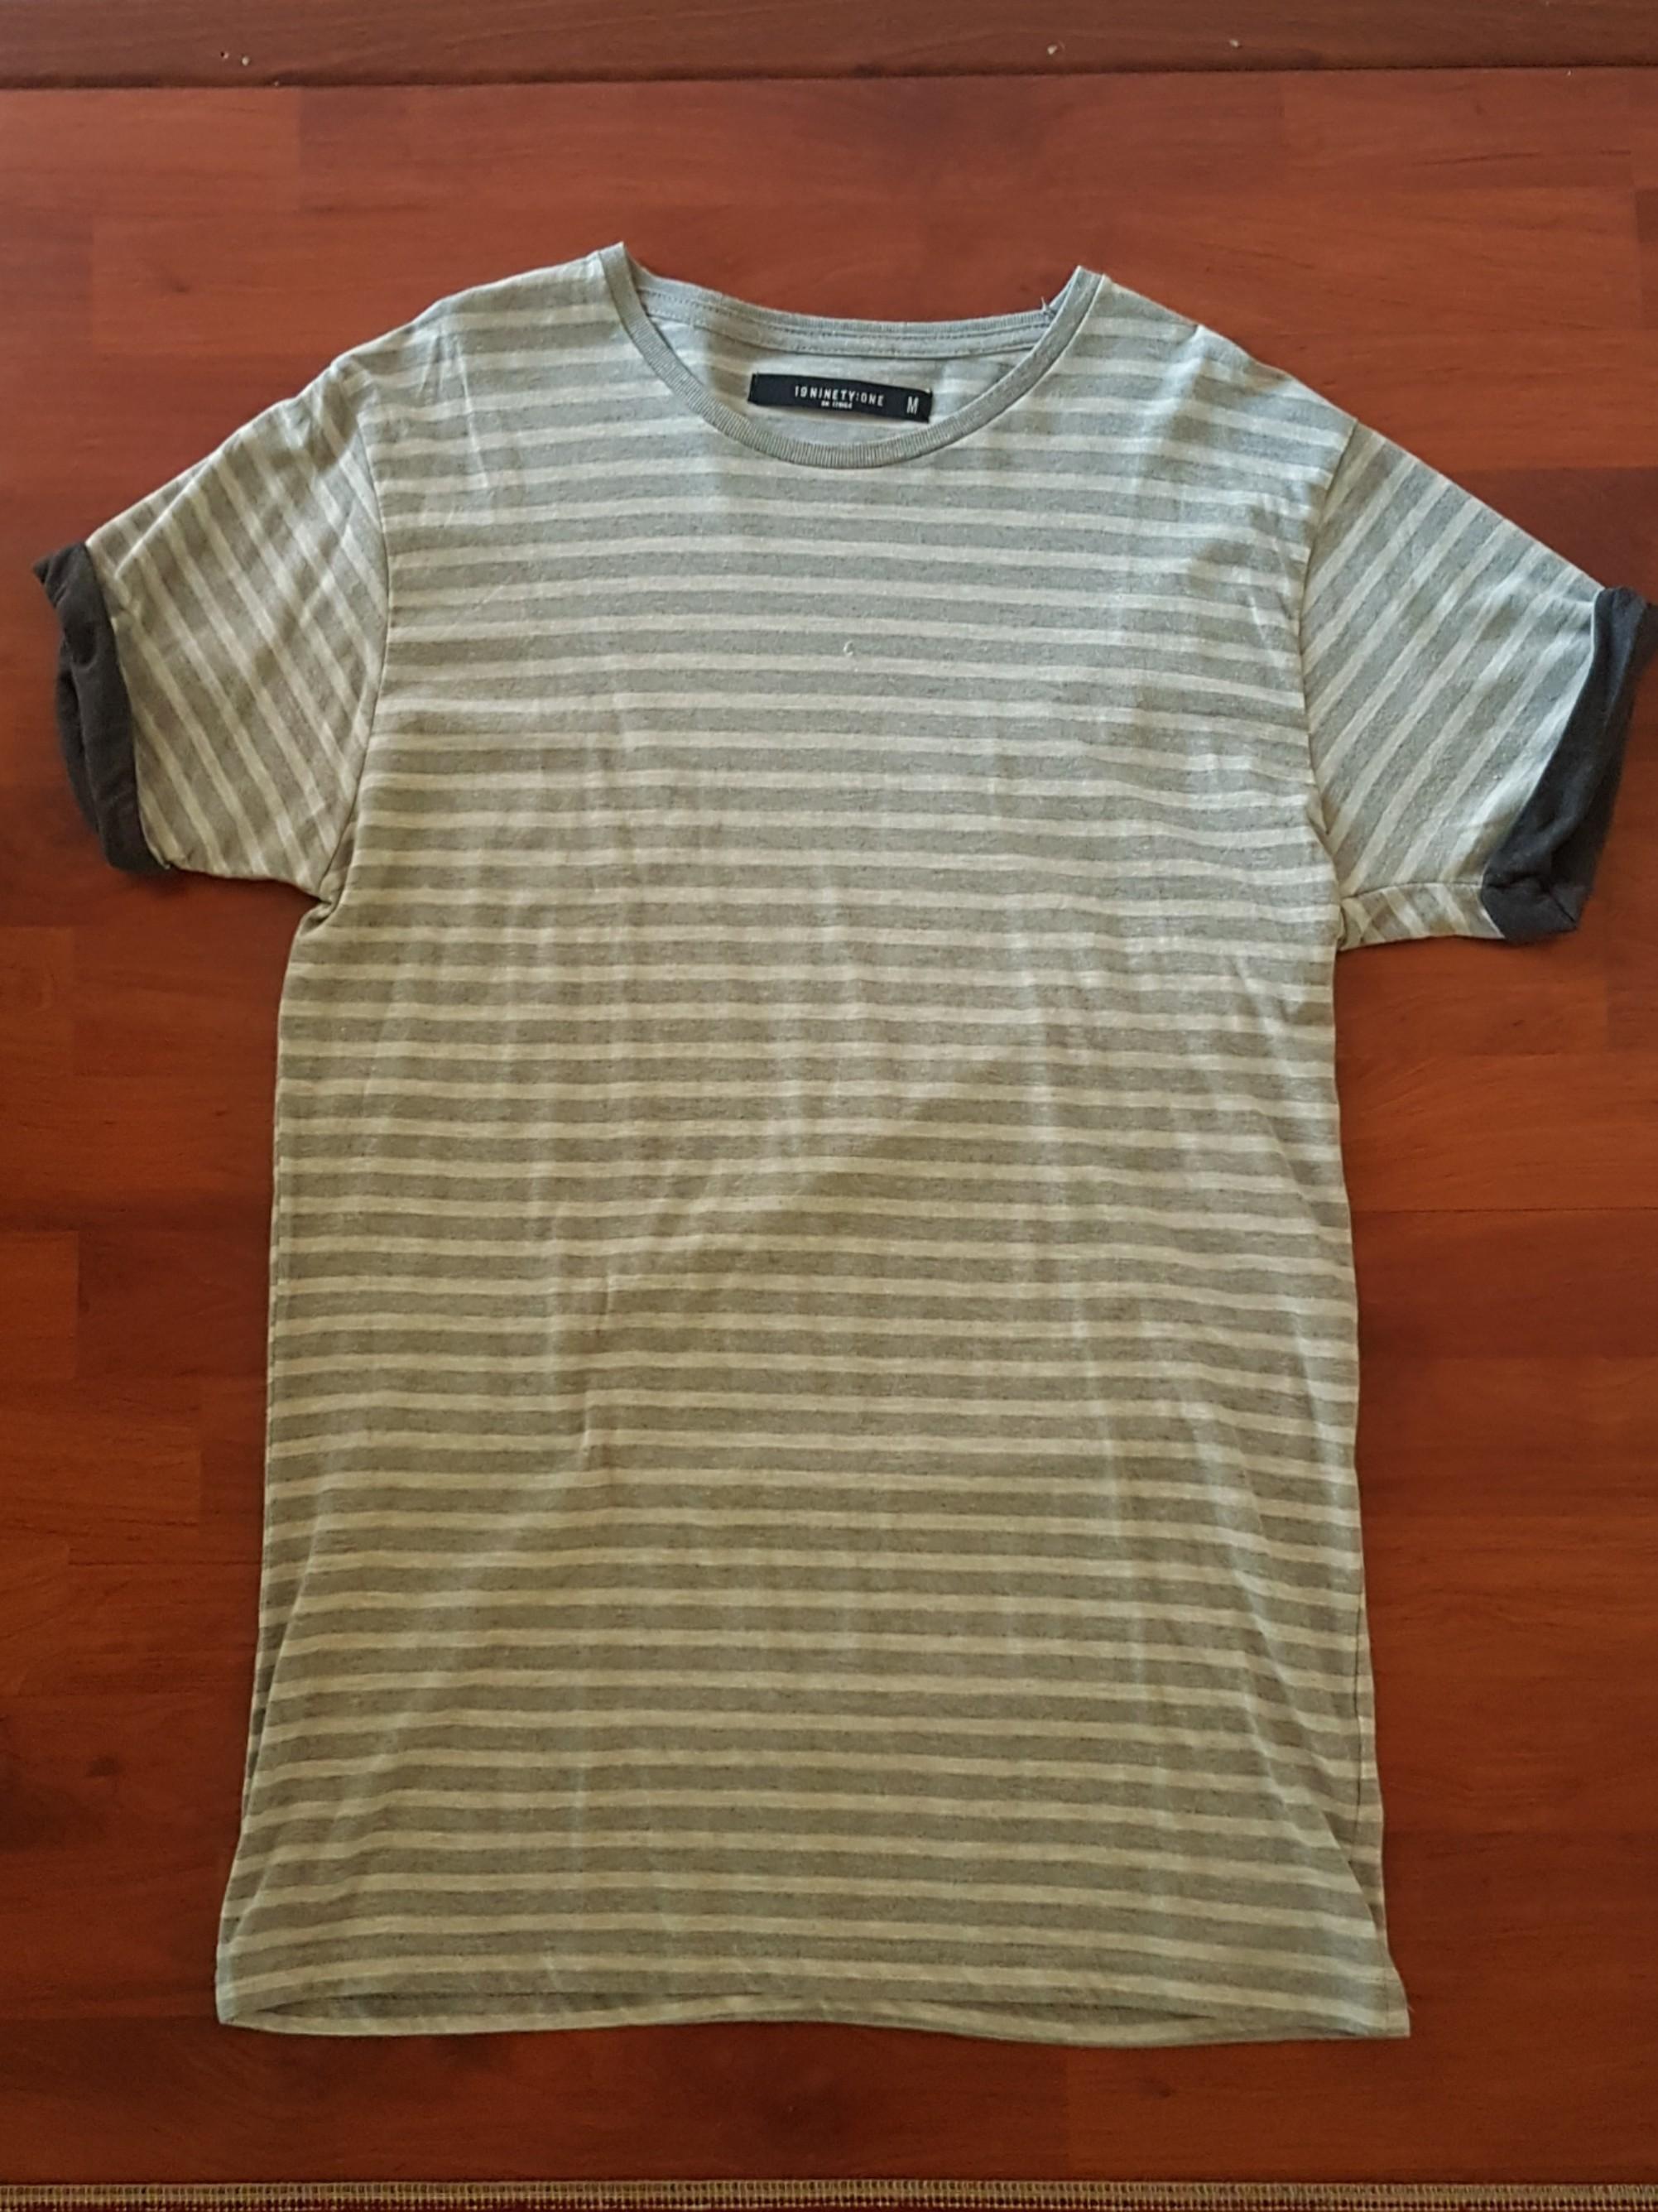 White/Grey Striped Tshirt - Cotton On